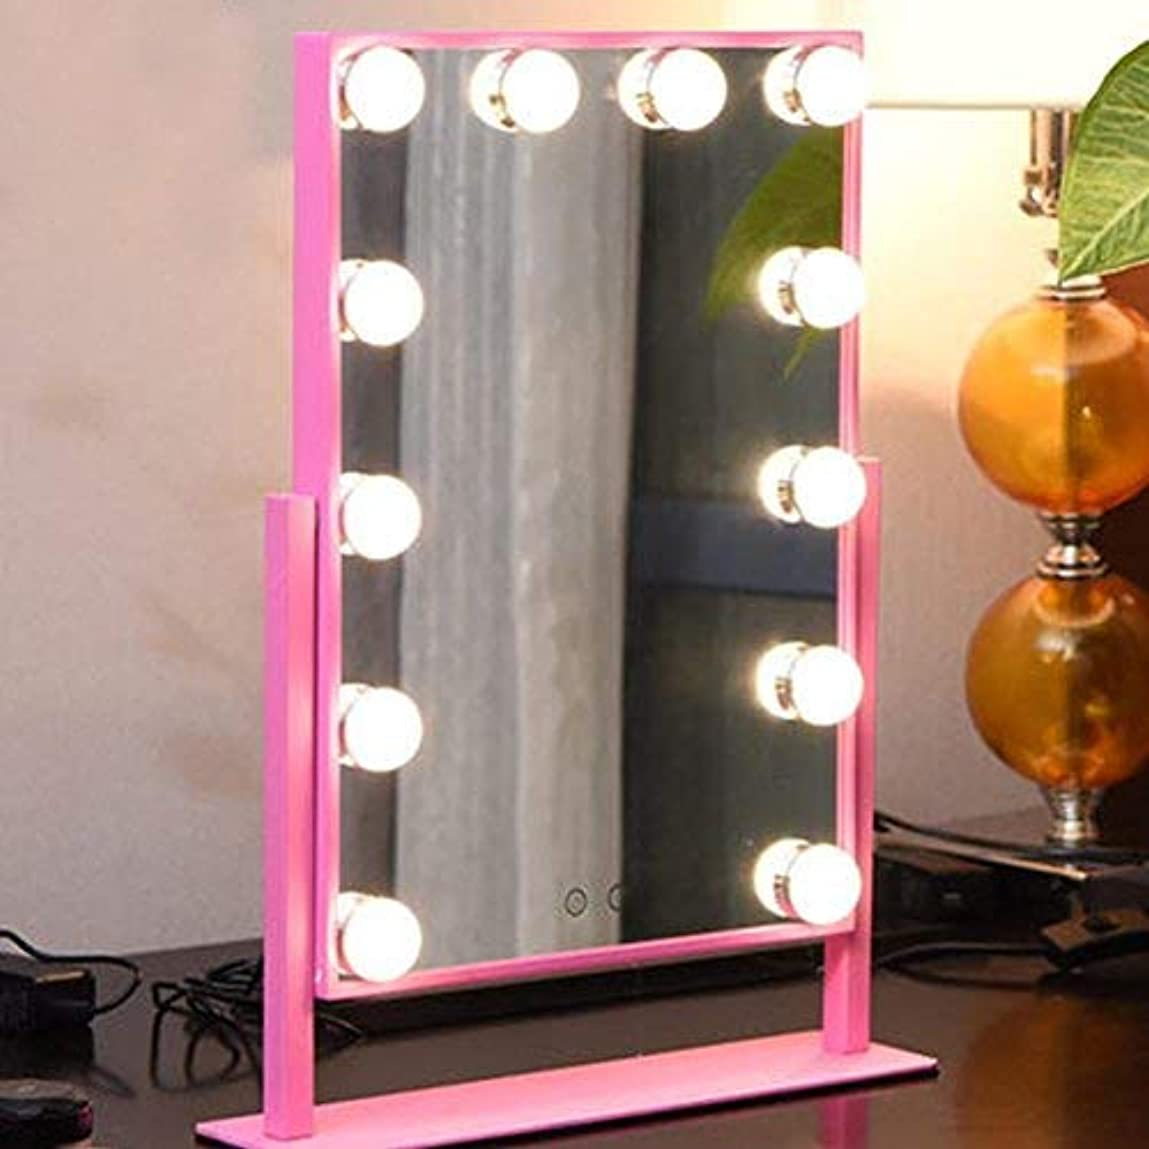 バケット情緒的履歴書メイクアップミラー - ミラー大片面電球バニティミラー二色調光美容ミラーと化粧鏡テーブルLEDランプ (Pink)